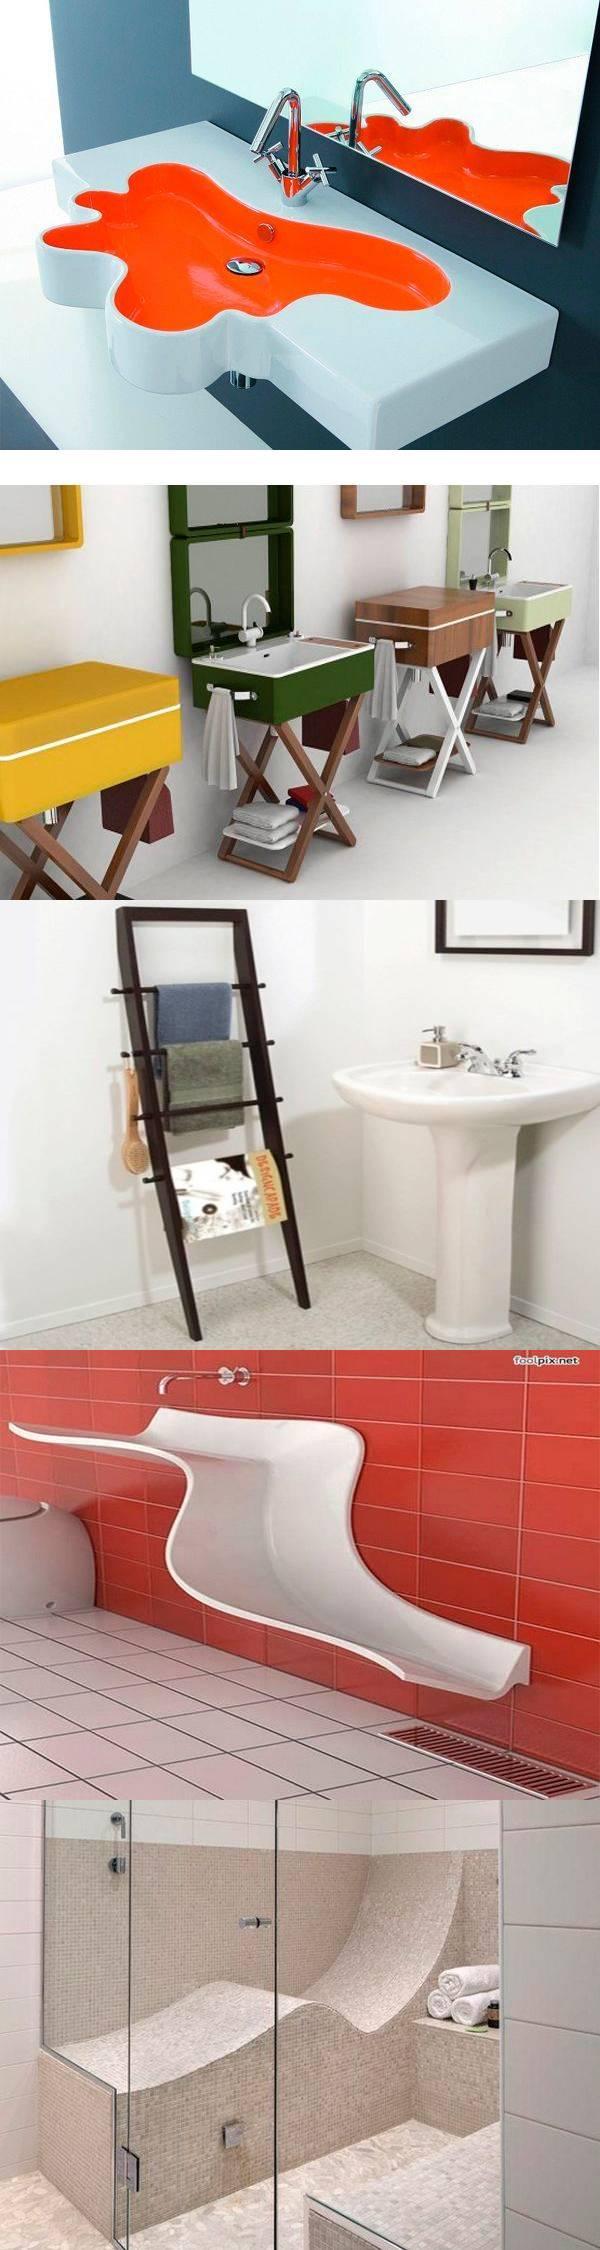 30 необычных идей для ванных комнат